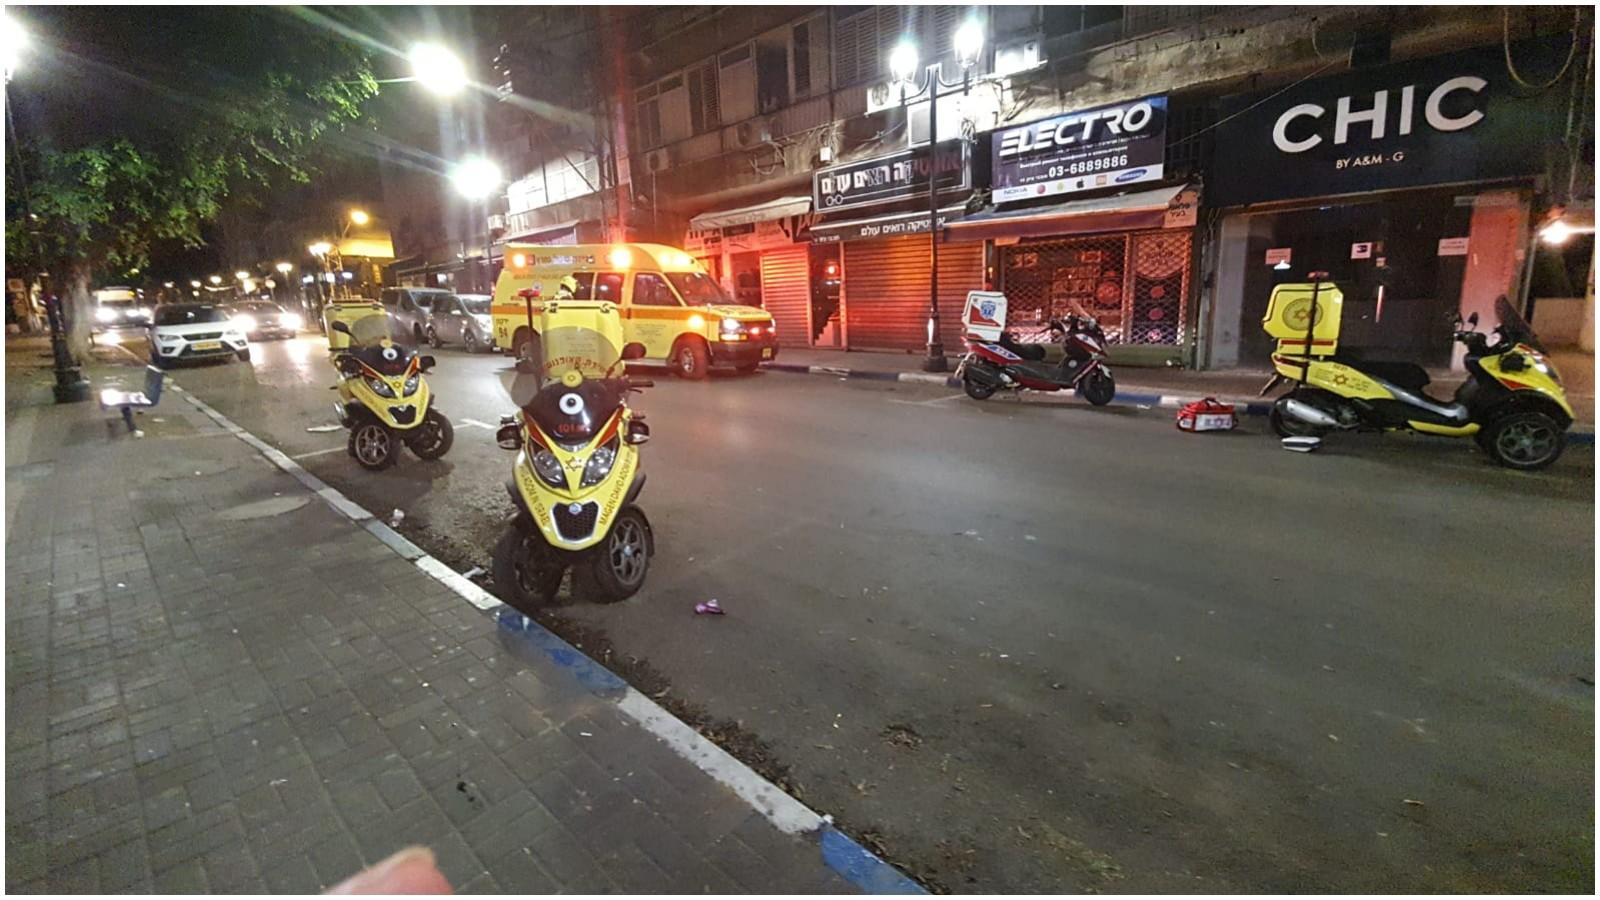 רחוב חובבי ציון הערב, אדם נפל מבניין מגורים צילום דוברות הצלה פתח תקוה : דוברות הצלה פתח תקווה